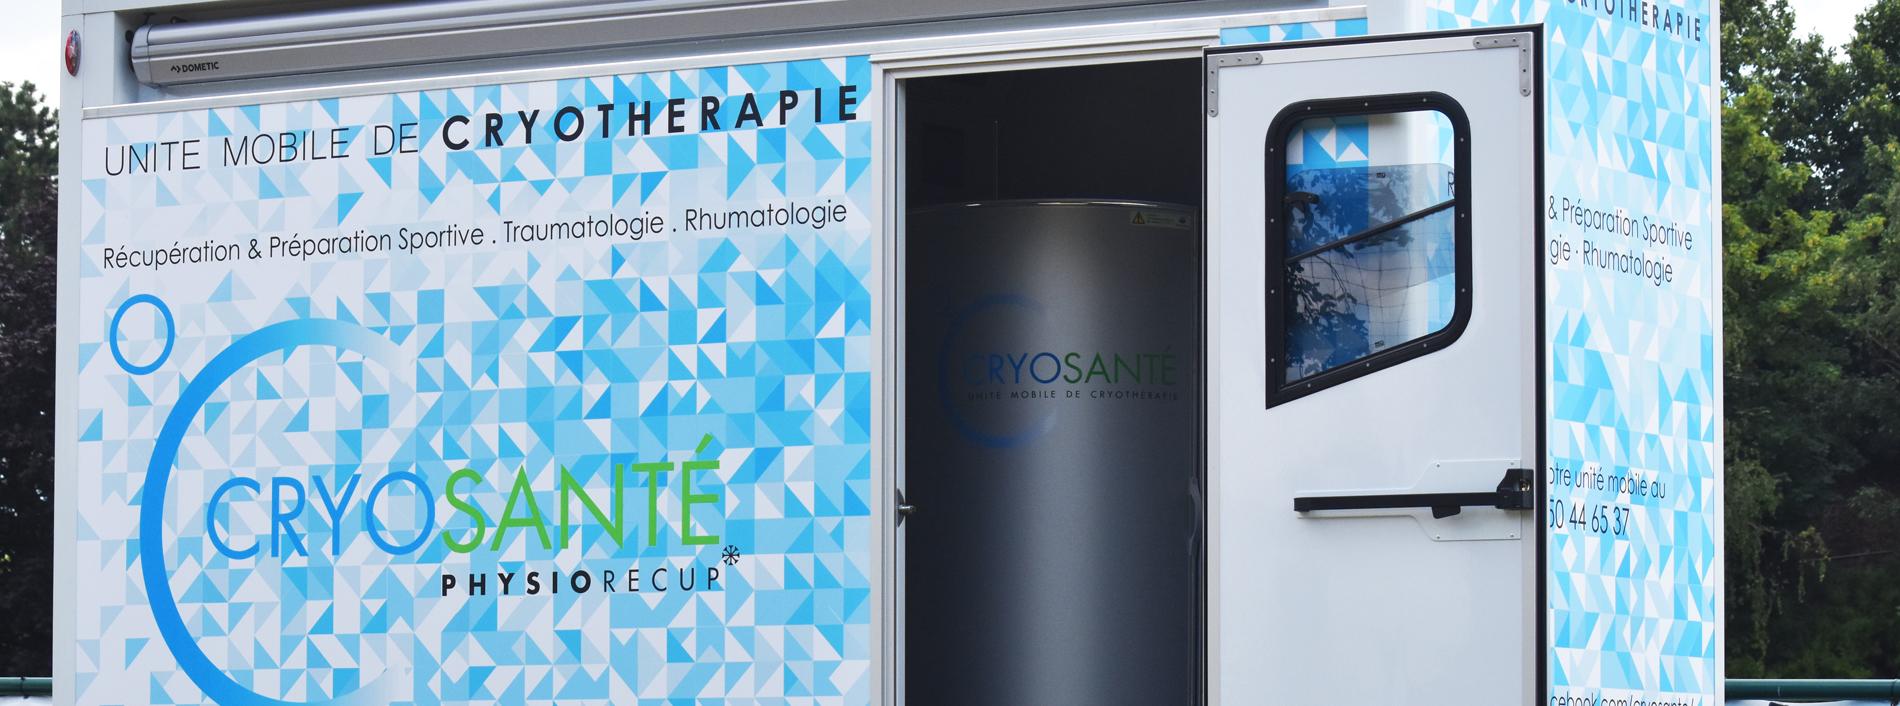 cryothérapie Carousel 2